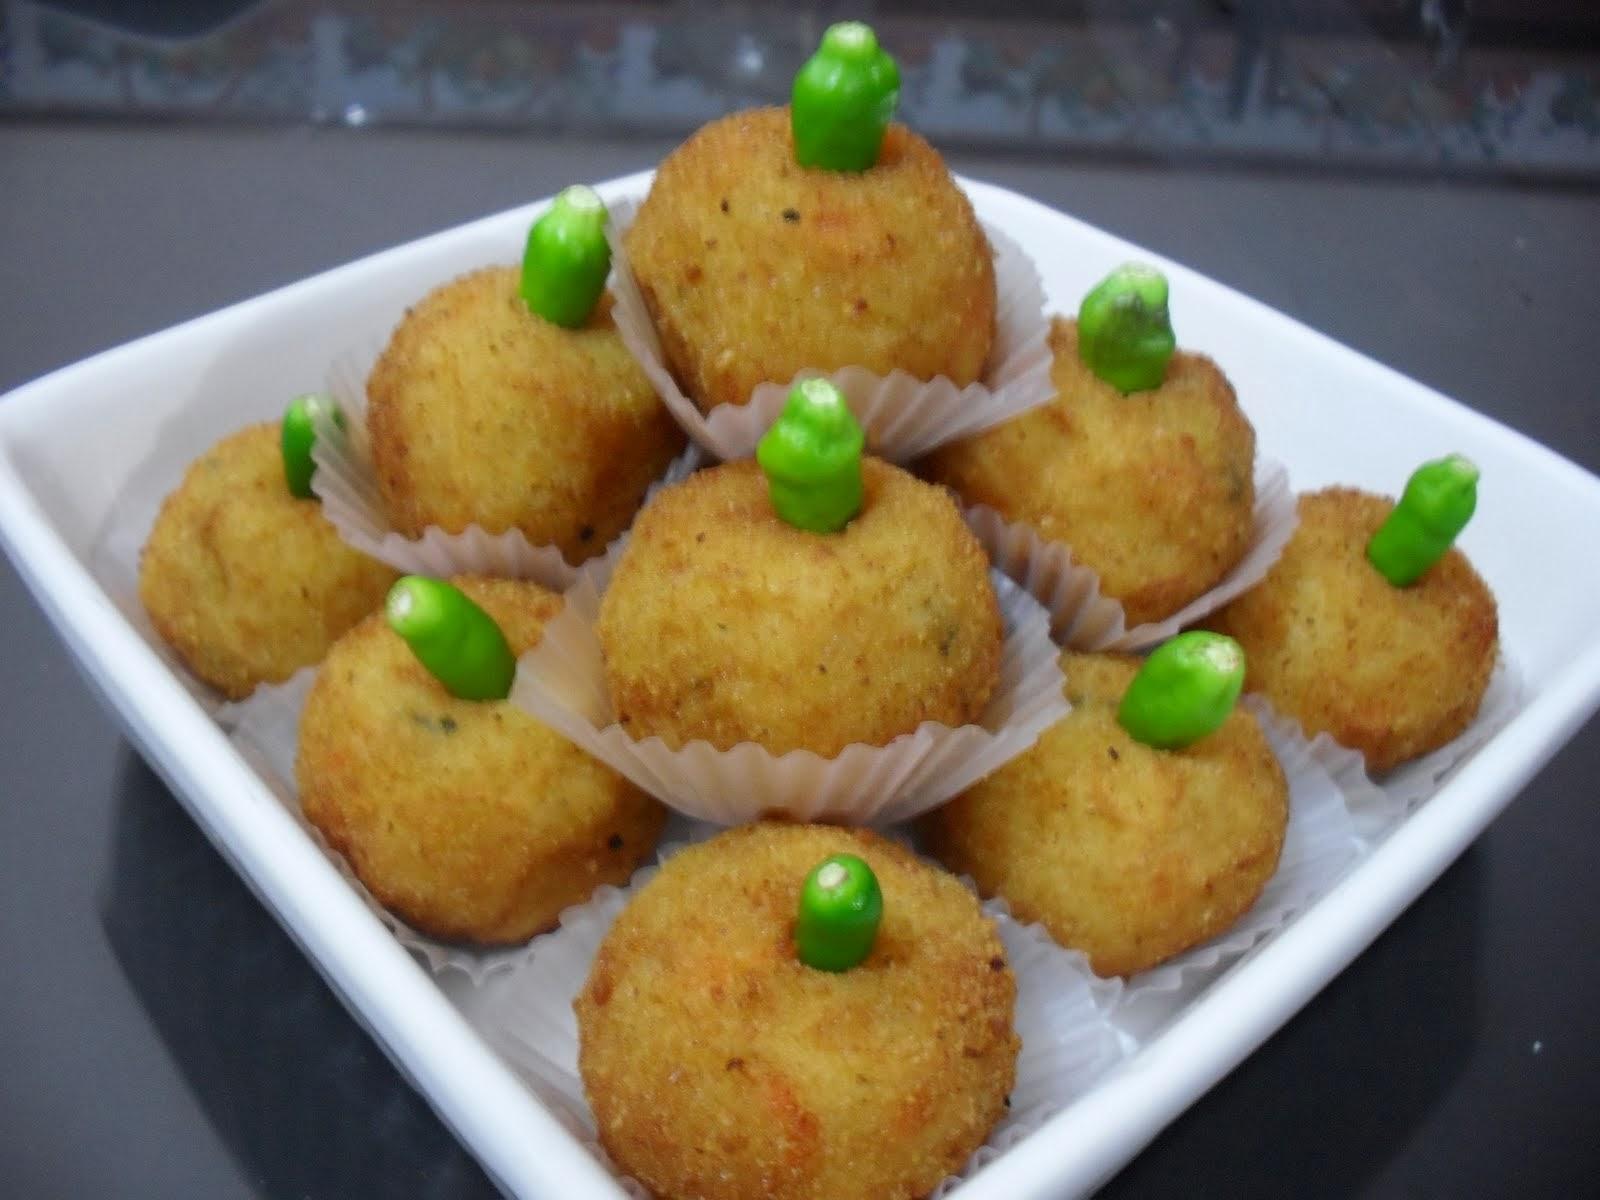 resep kroket kentang   resep masakan kue minuman terbaru